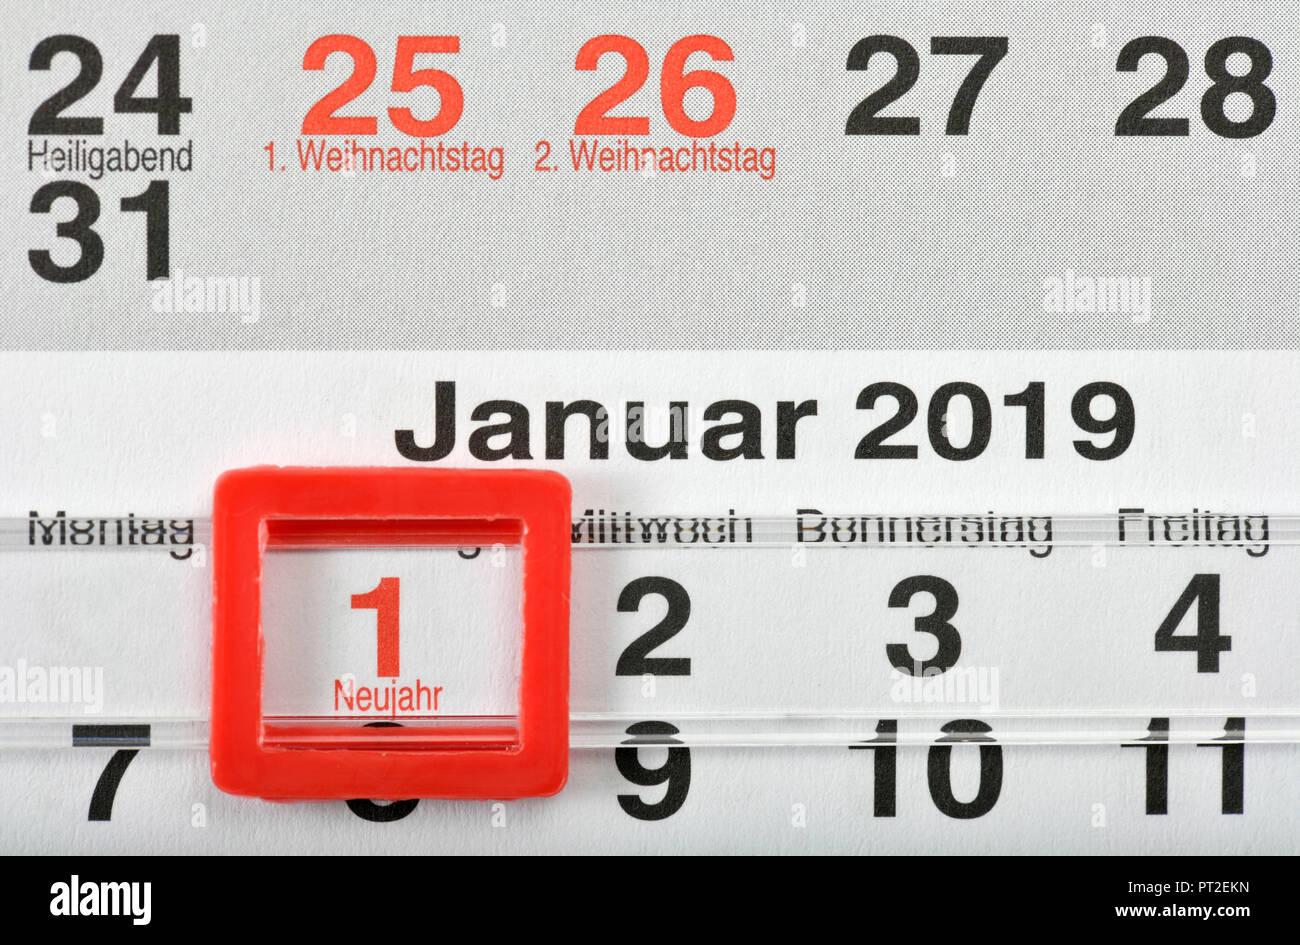 Calendar For 2018 Stockfotos & Calendar For 2018 Bilder - Alamy